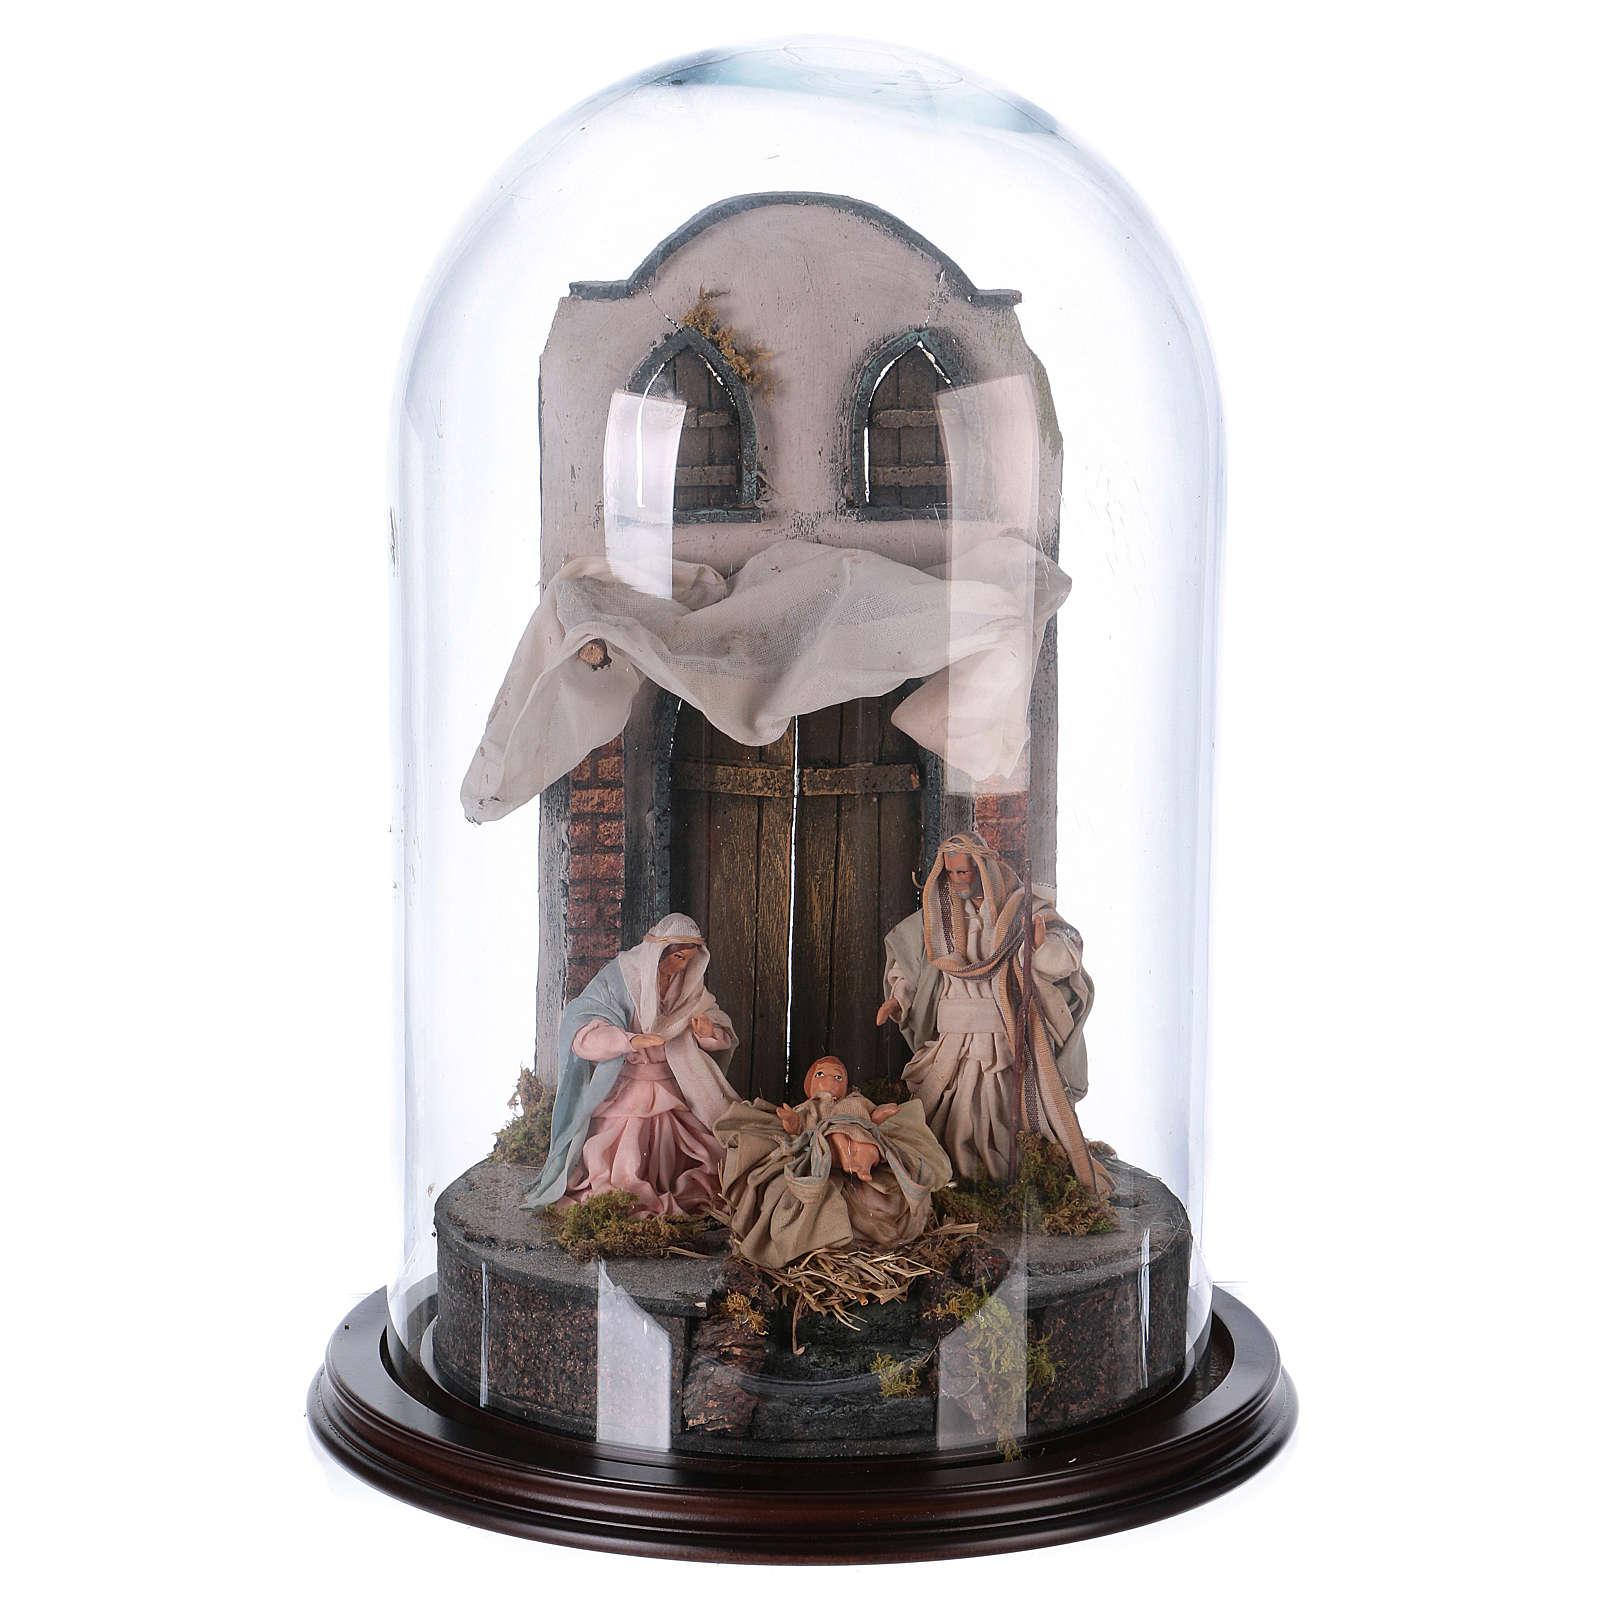 Święta Rodzina w stylu arabskim terakota 25x40 cm szklany klosz 4